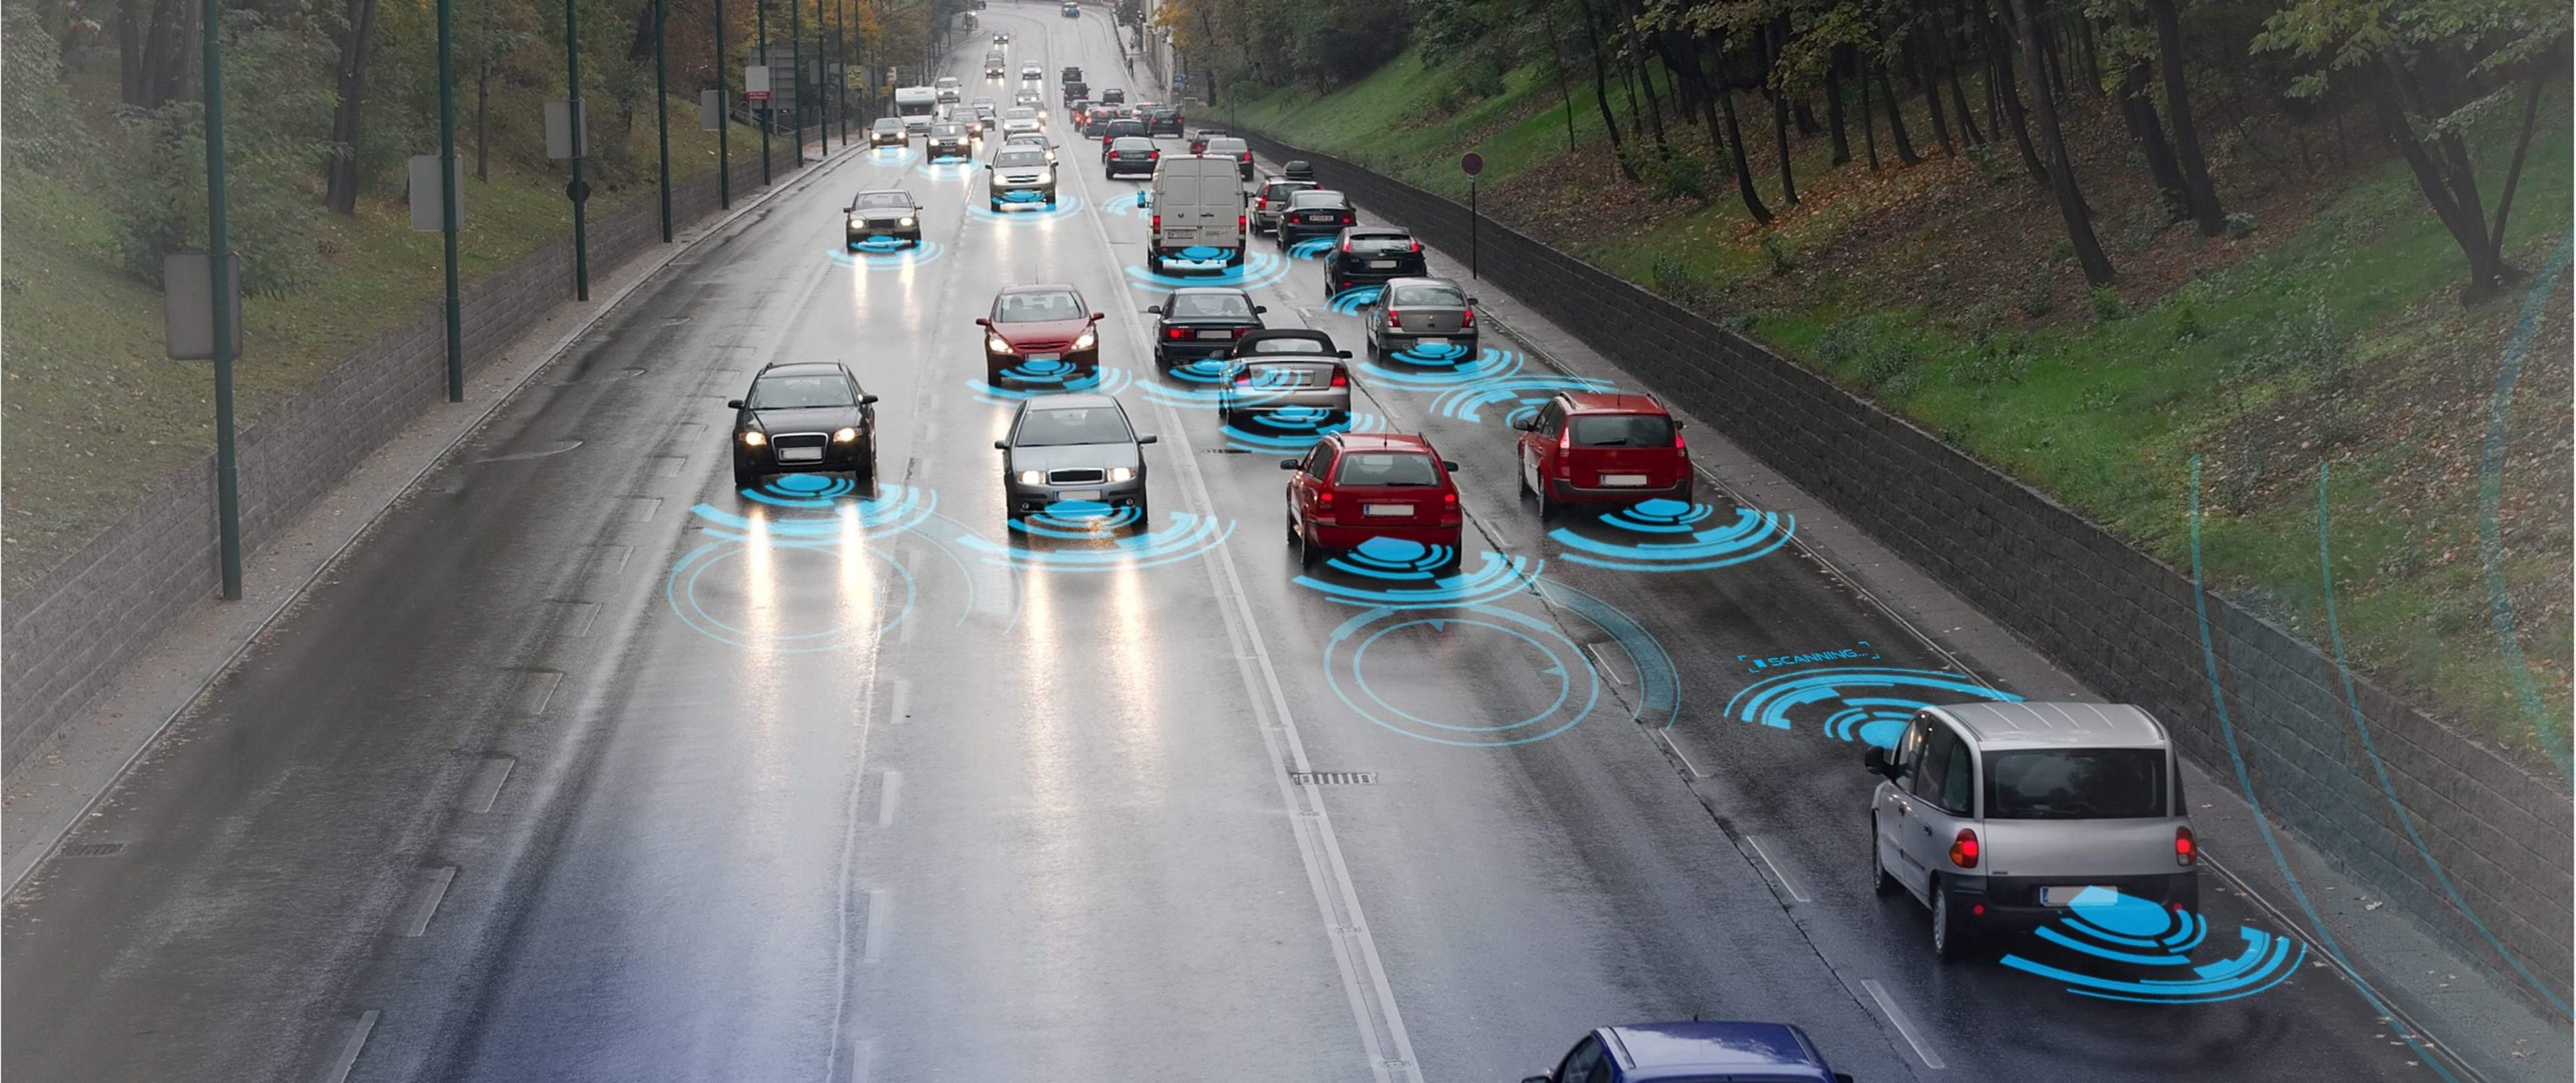 车联网,是潜力巨大的销售平台,更是高端服务平台